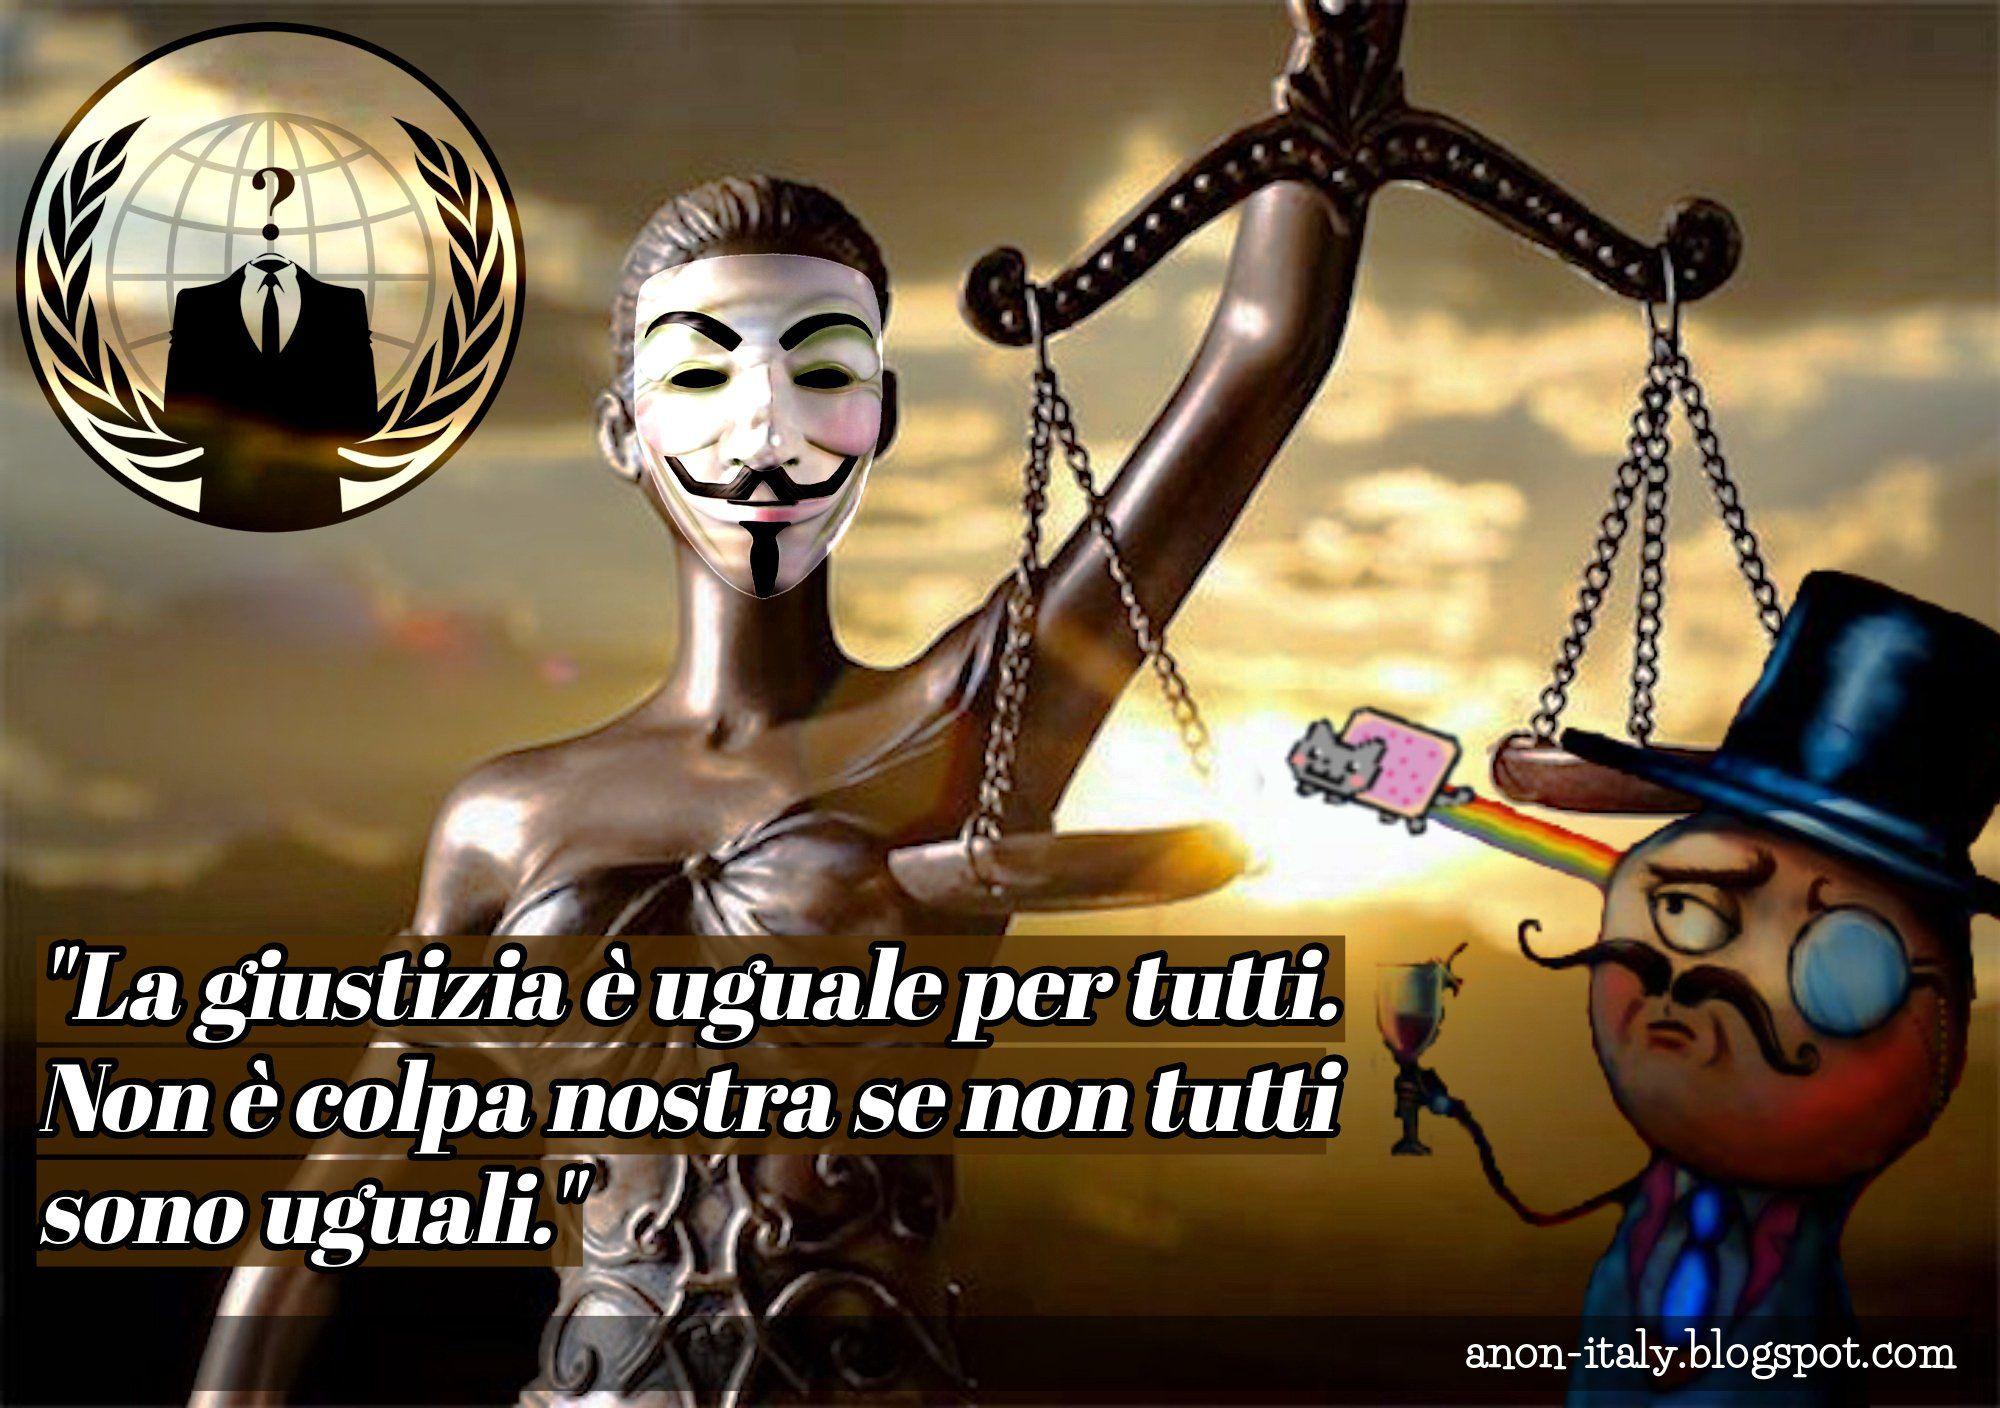 Gli hacker di Anonymous pubblicano i dati di oltre 30mila avvocati (Raggi compresa)